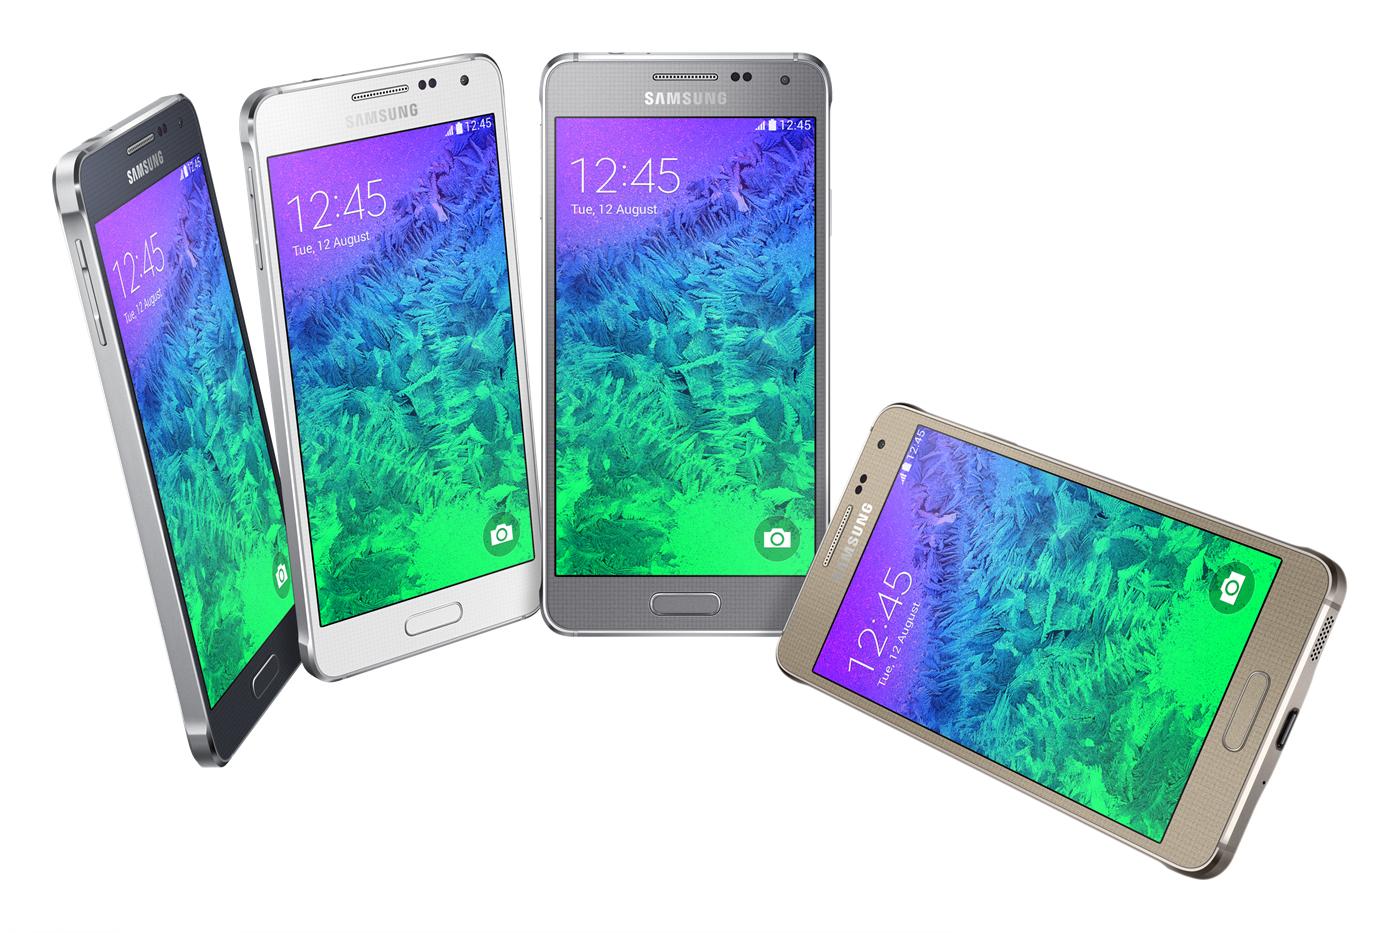 Claim your Samsung eStore voucher - Samsung Galaxy Alpha